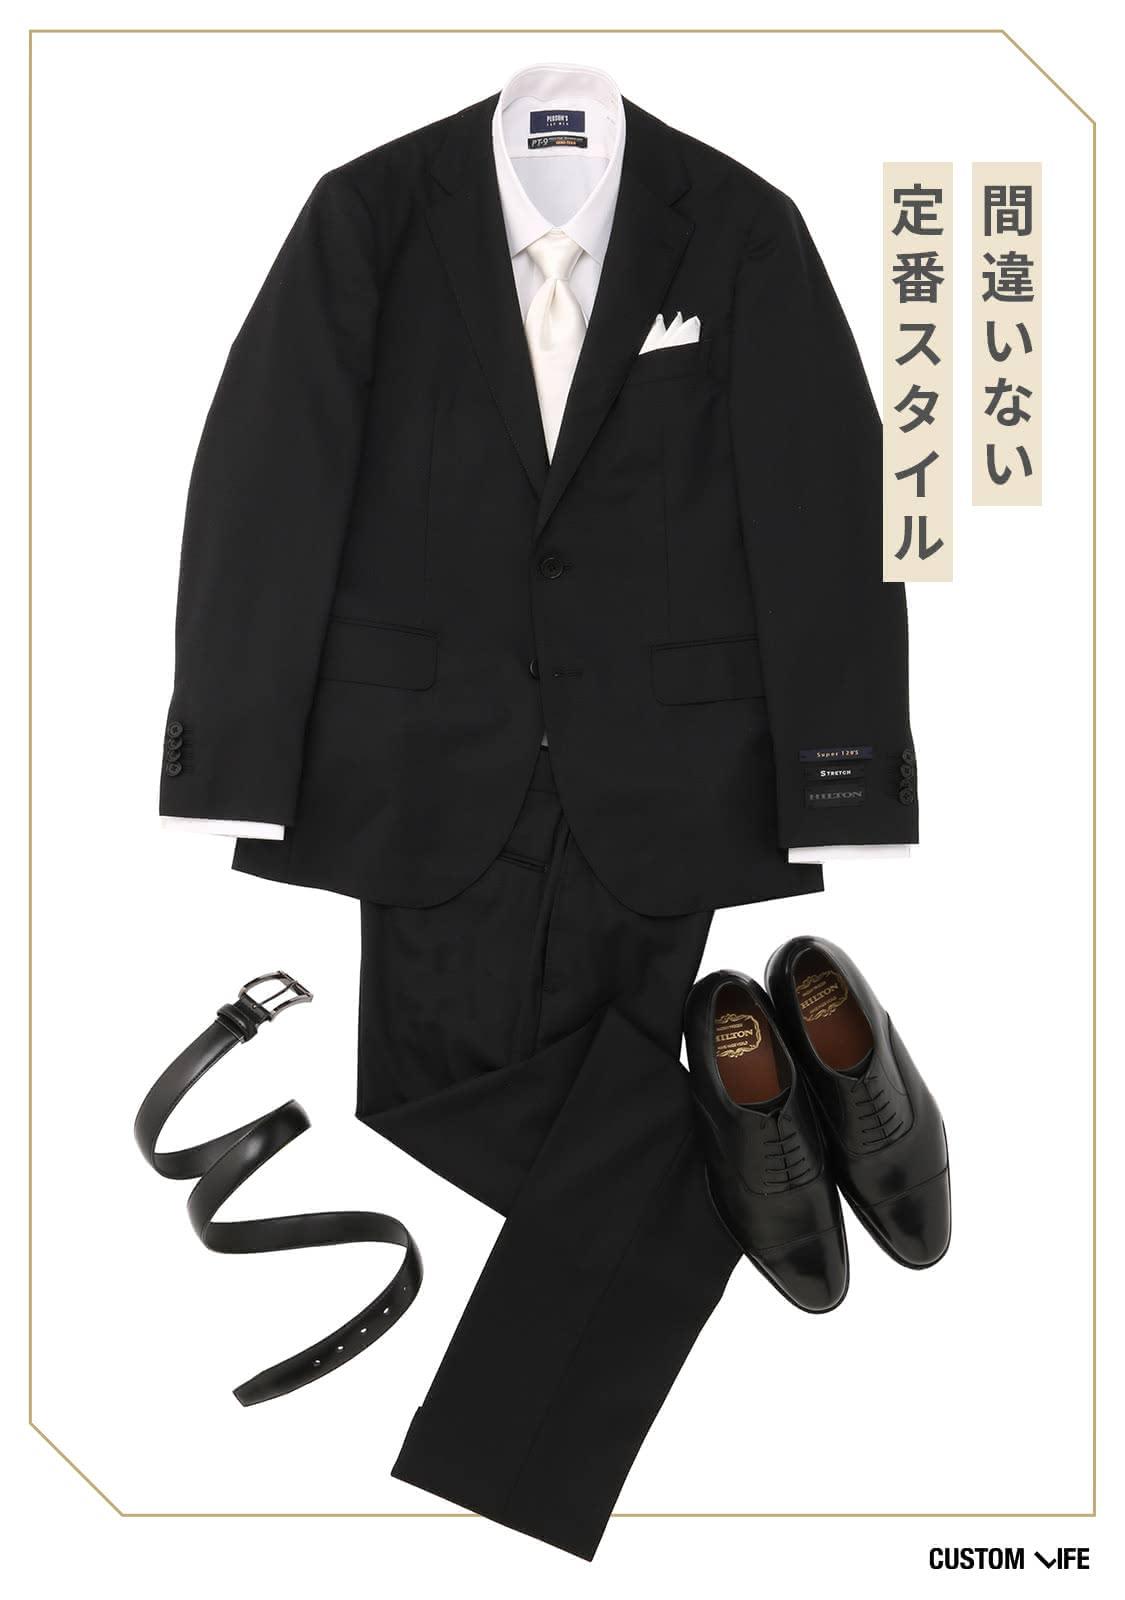 ブラックスーツに白シャツ白ネクタイ